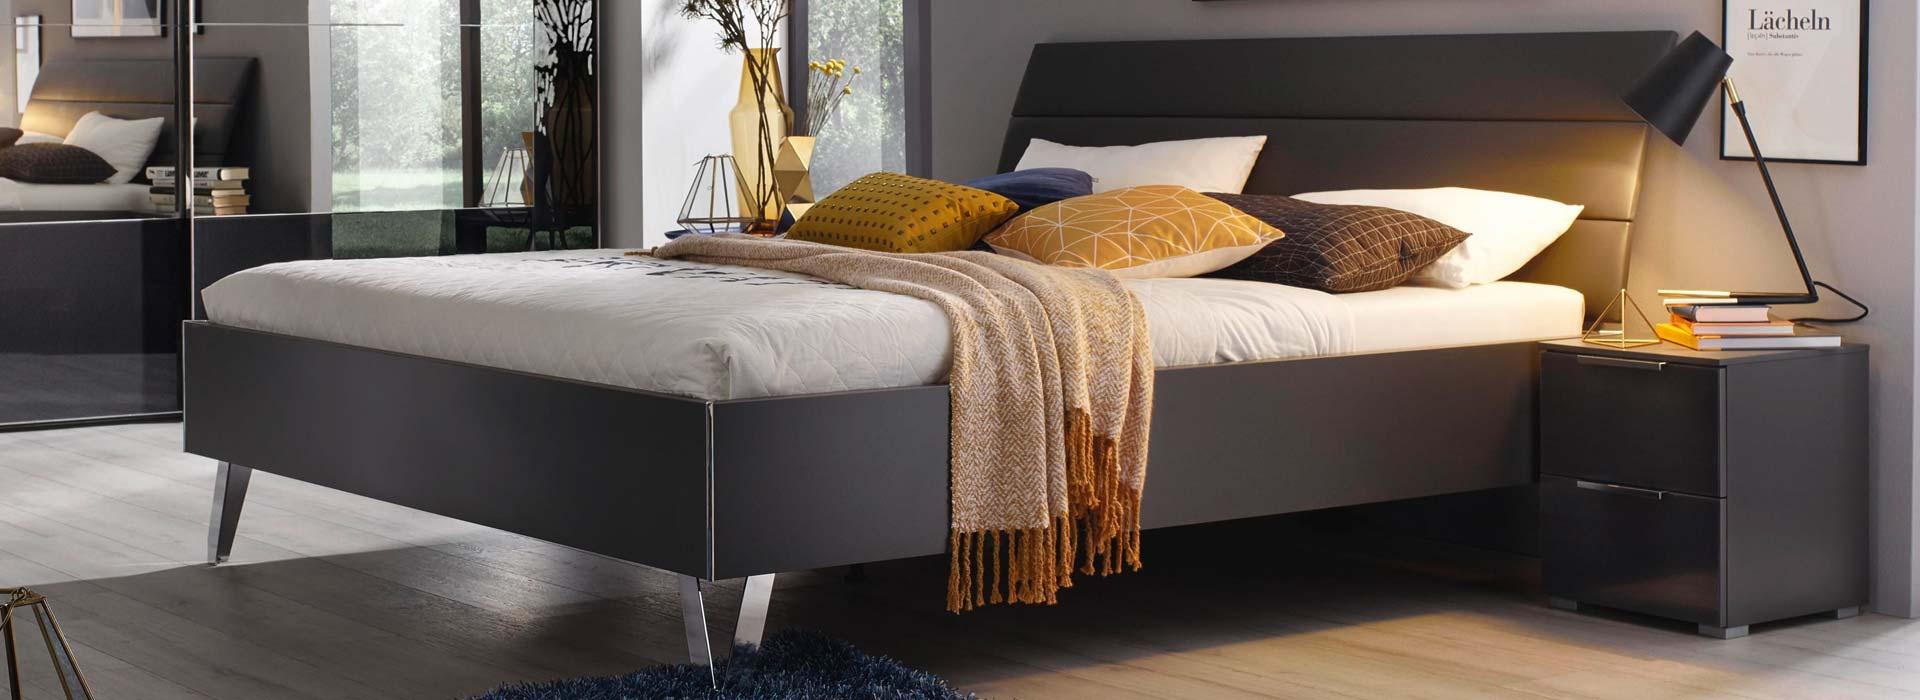 Full Size of Ausklappbares Bett Schrank Ausklappbar Klappbar Wand Ikea Zum Doppelbett Englisch Selber Bauen 180x200 Ausklappen Mit Stauraum Frhstck Im Mbel Weirauch Bett Bett Ausklappbar